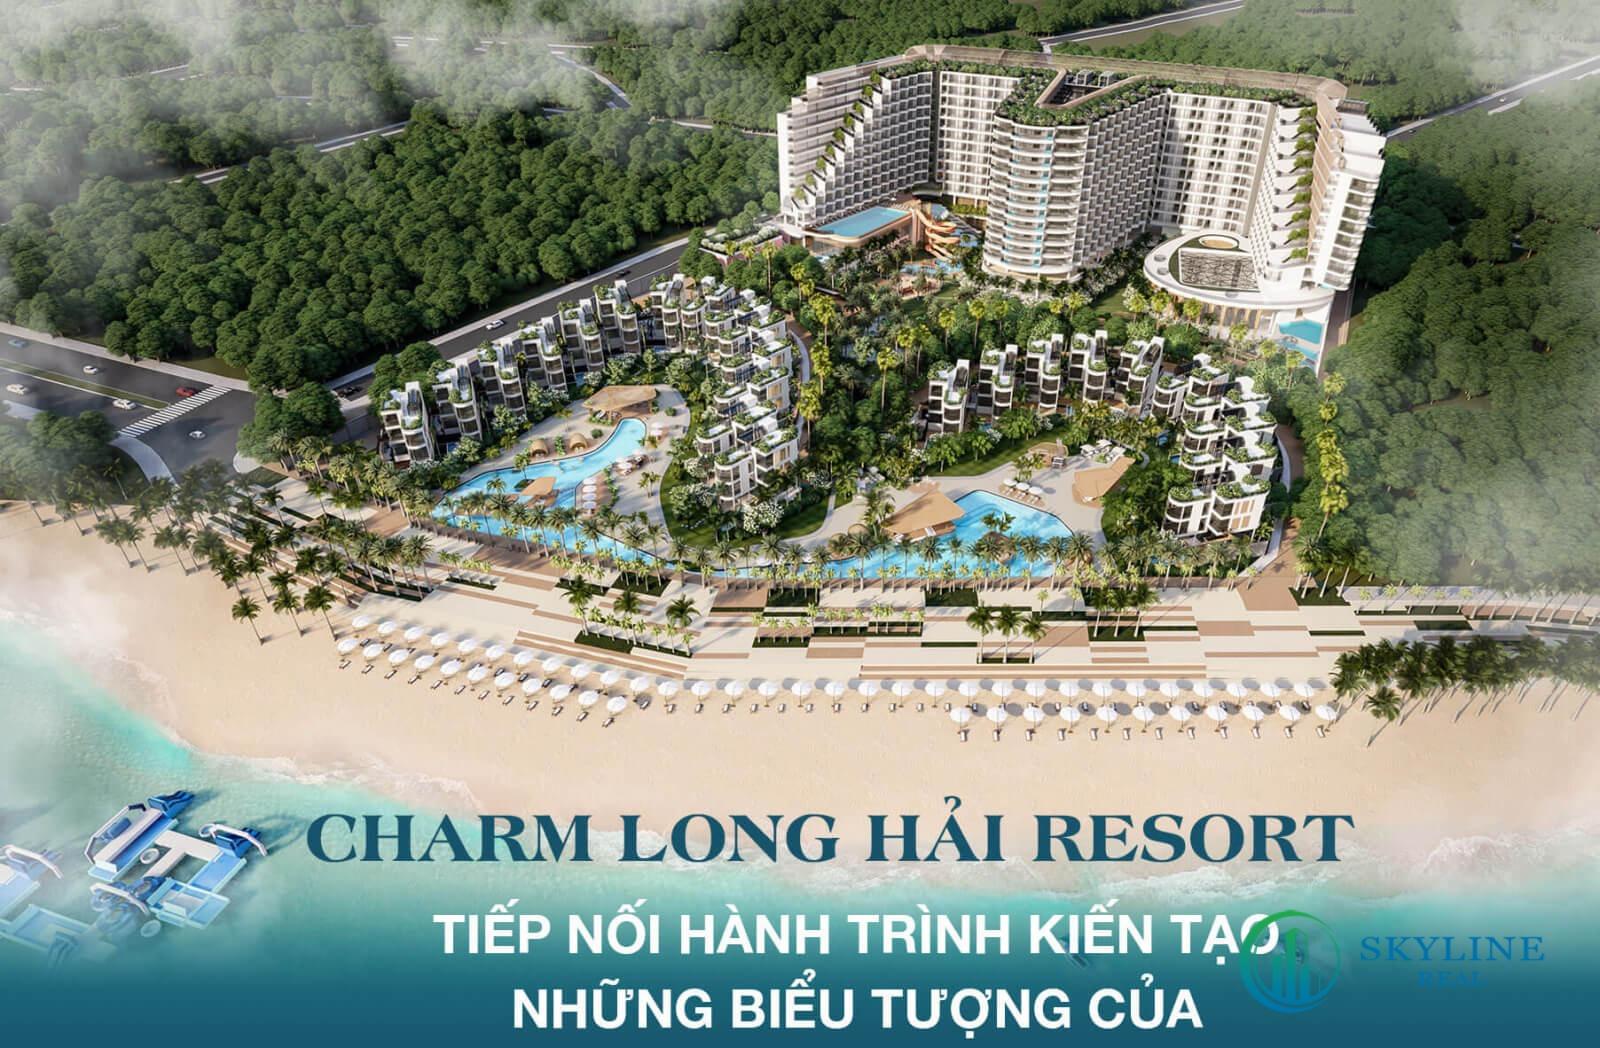 Charm Long Hải - Một trong những dự án bất động sản nghỉ dưỡng nổi bật của Charm Group